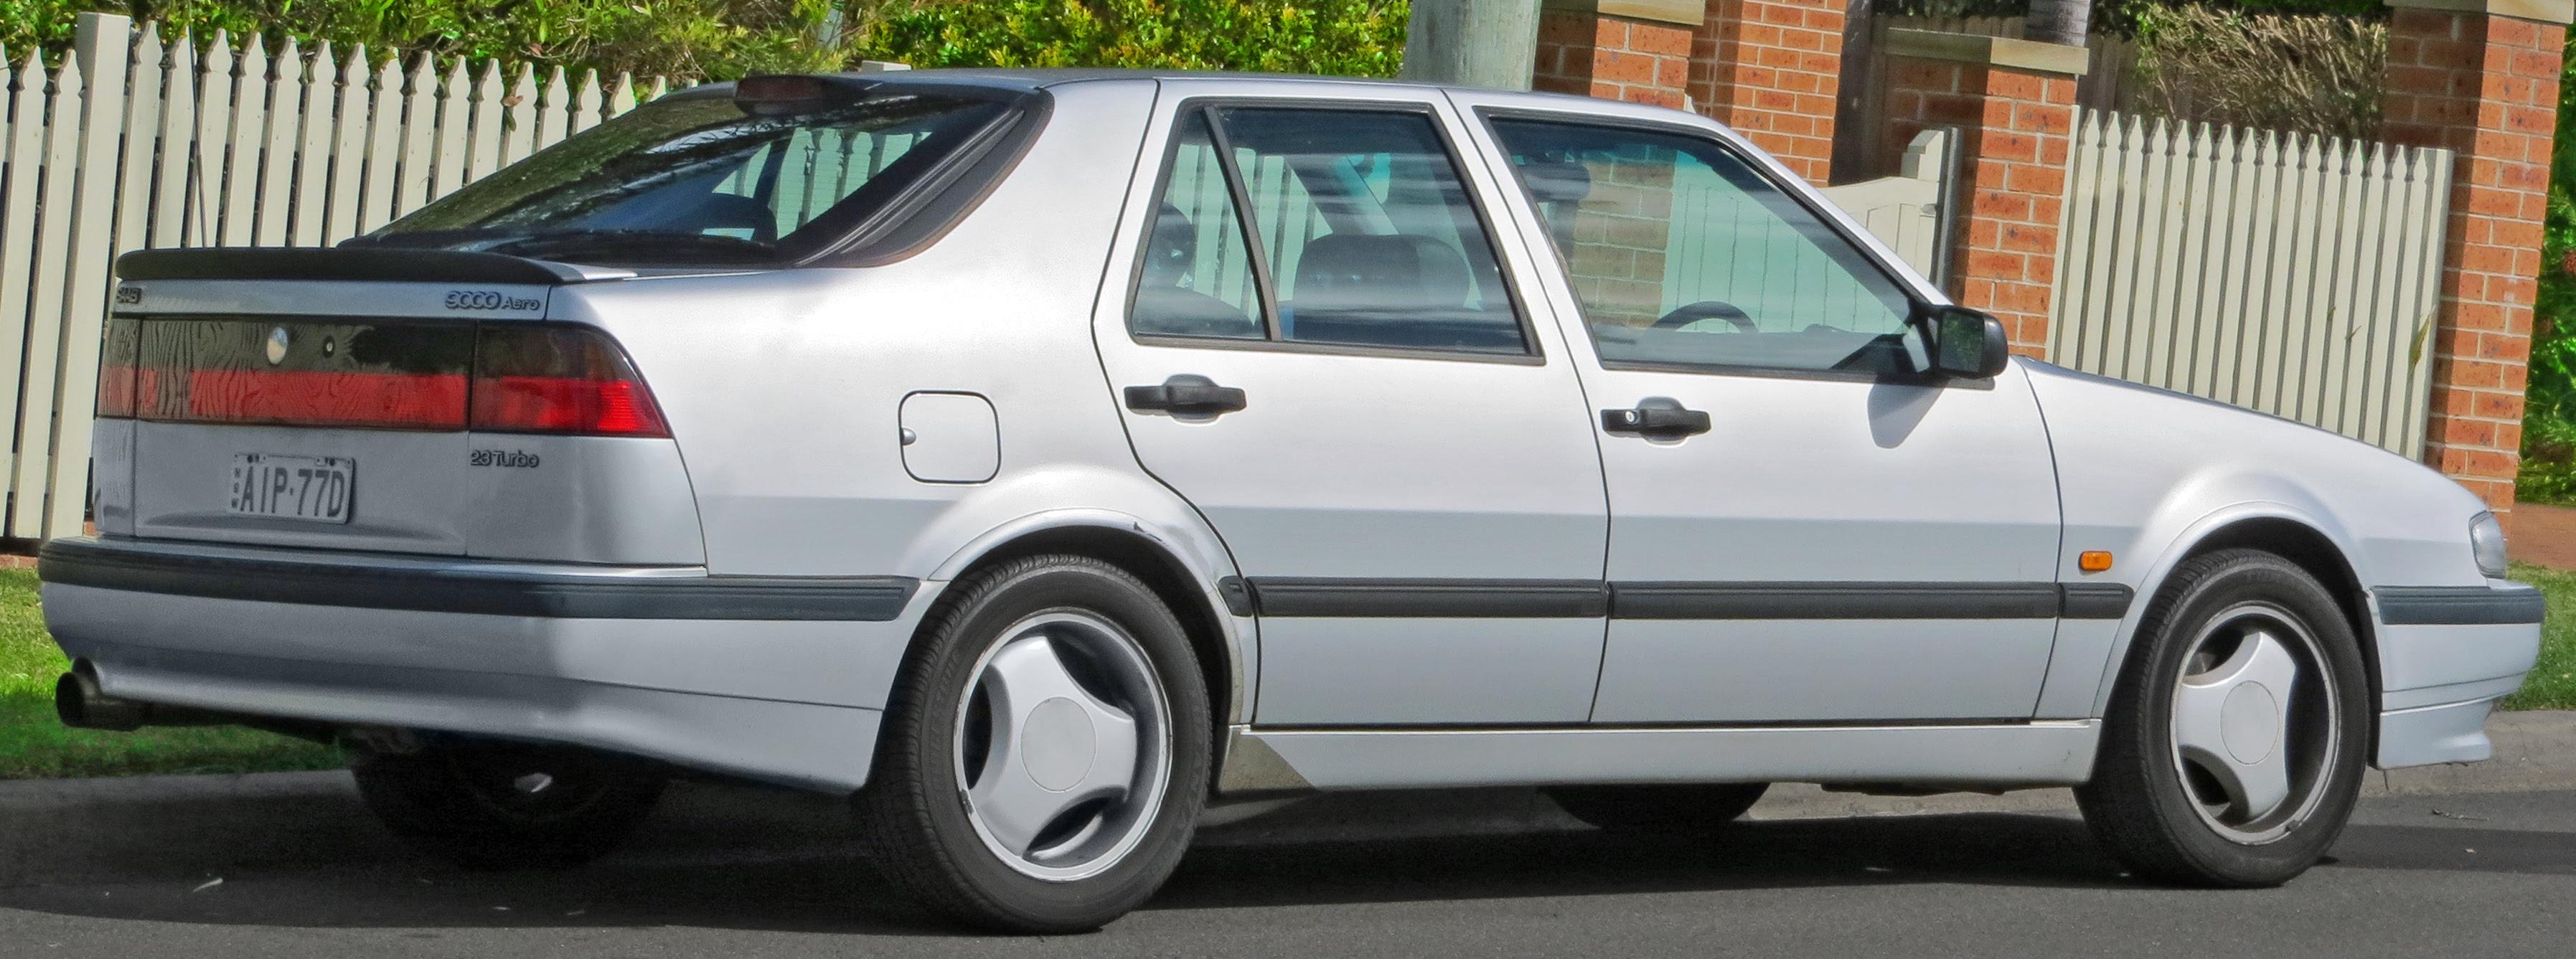 File:1997 Saab 9000 Aero 2.3 Turbo hatchback (2012-09-01 ...